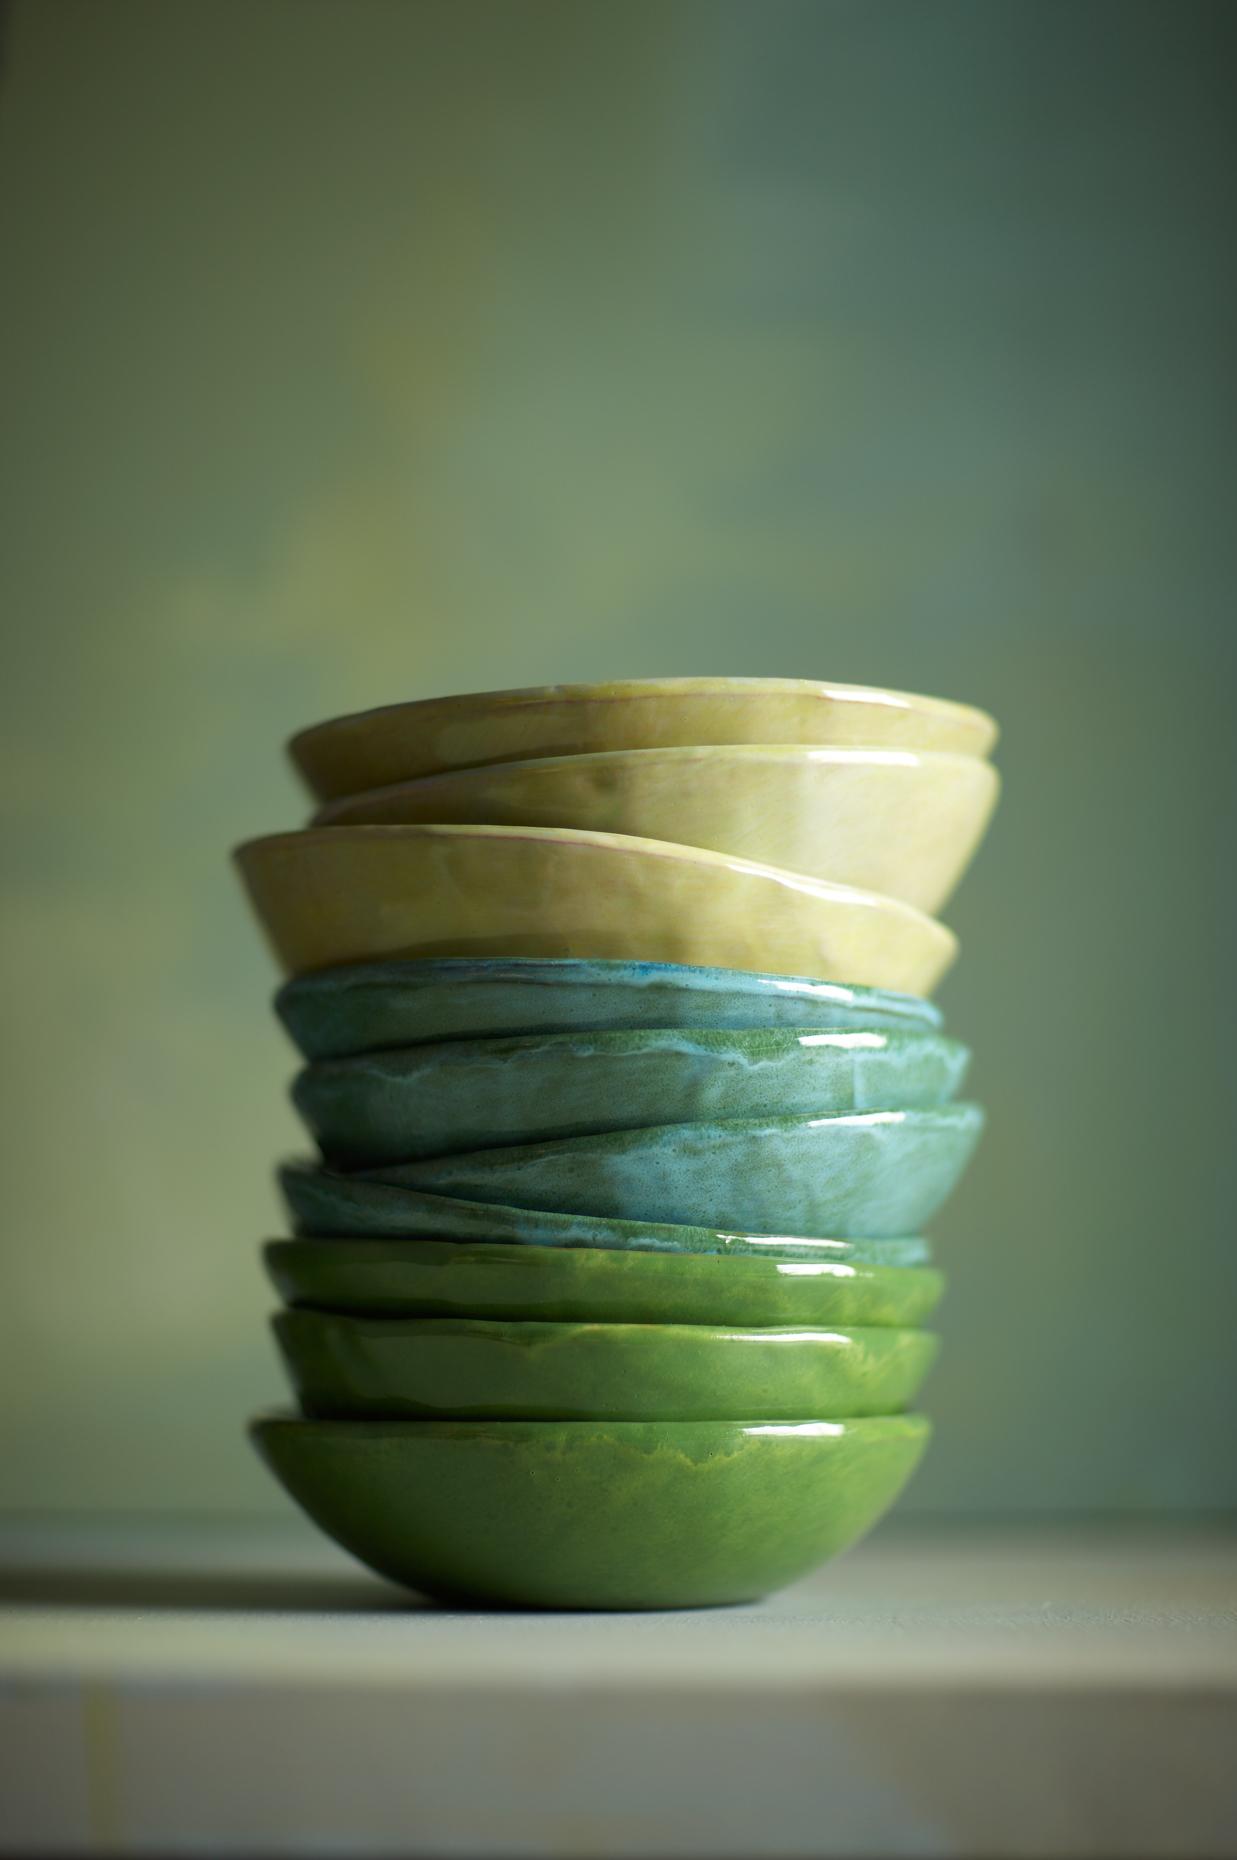 Product Photography StillLife Derek Israelsen Stack of bowls